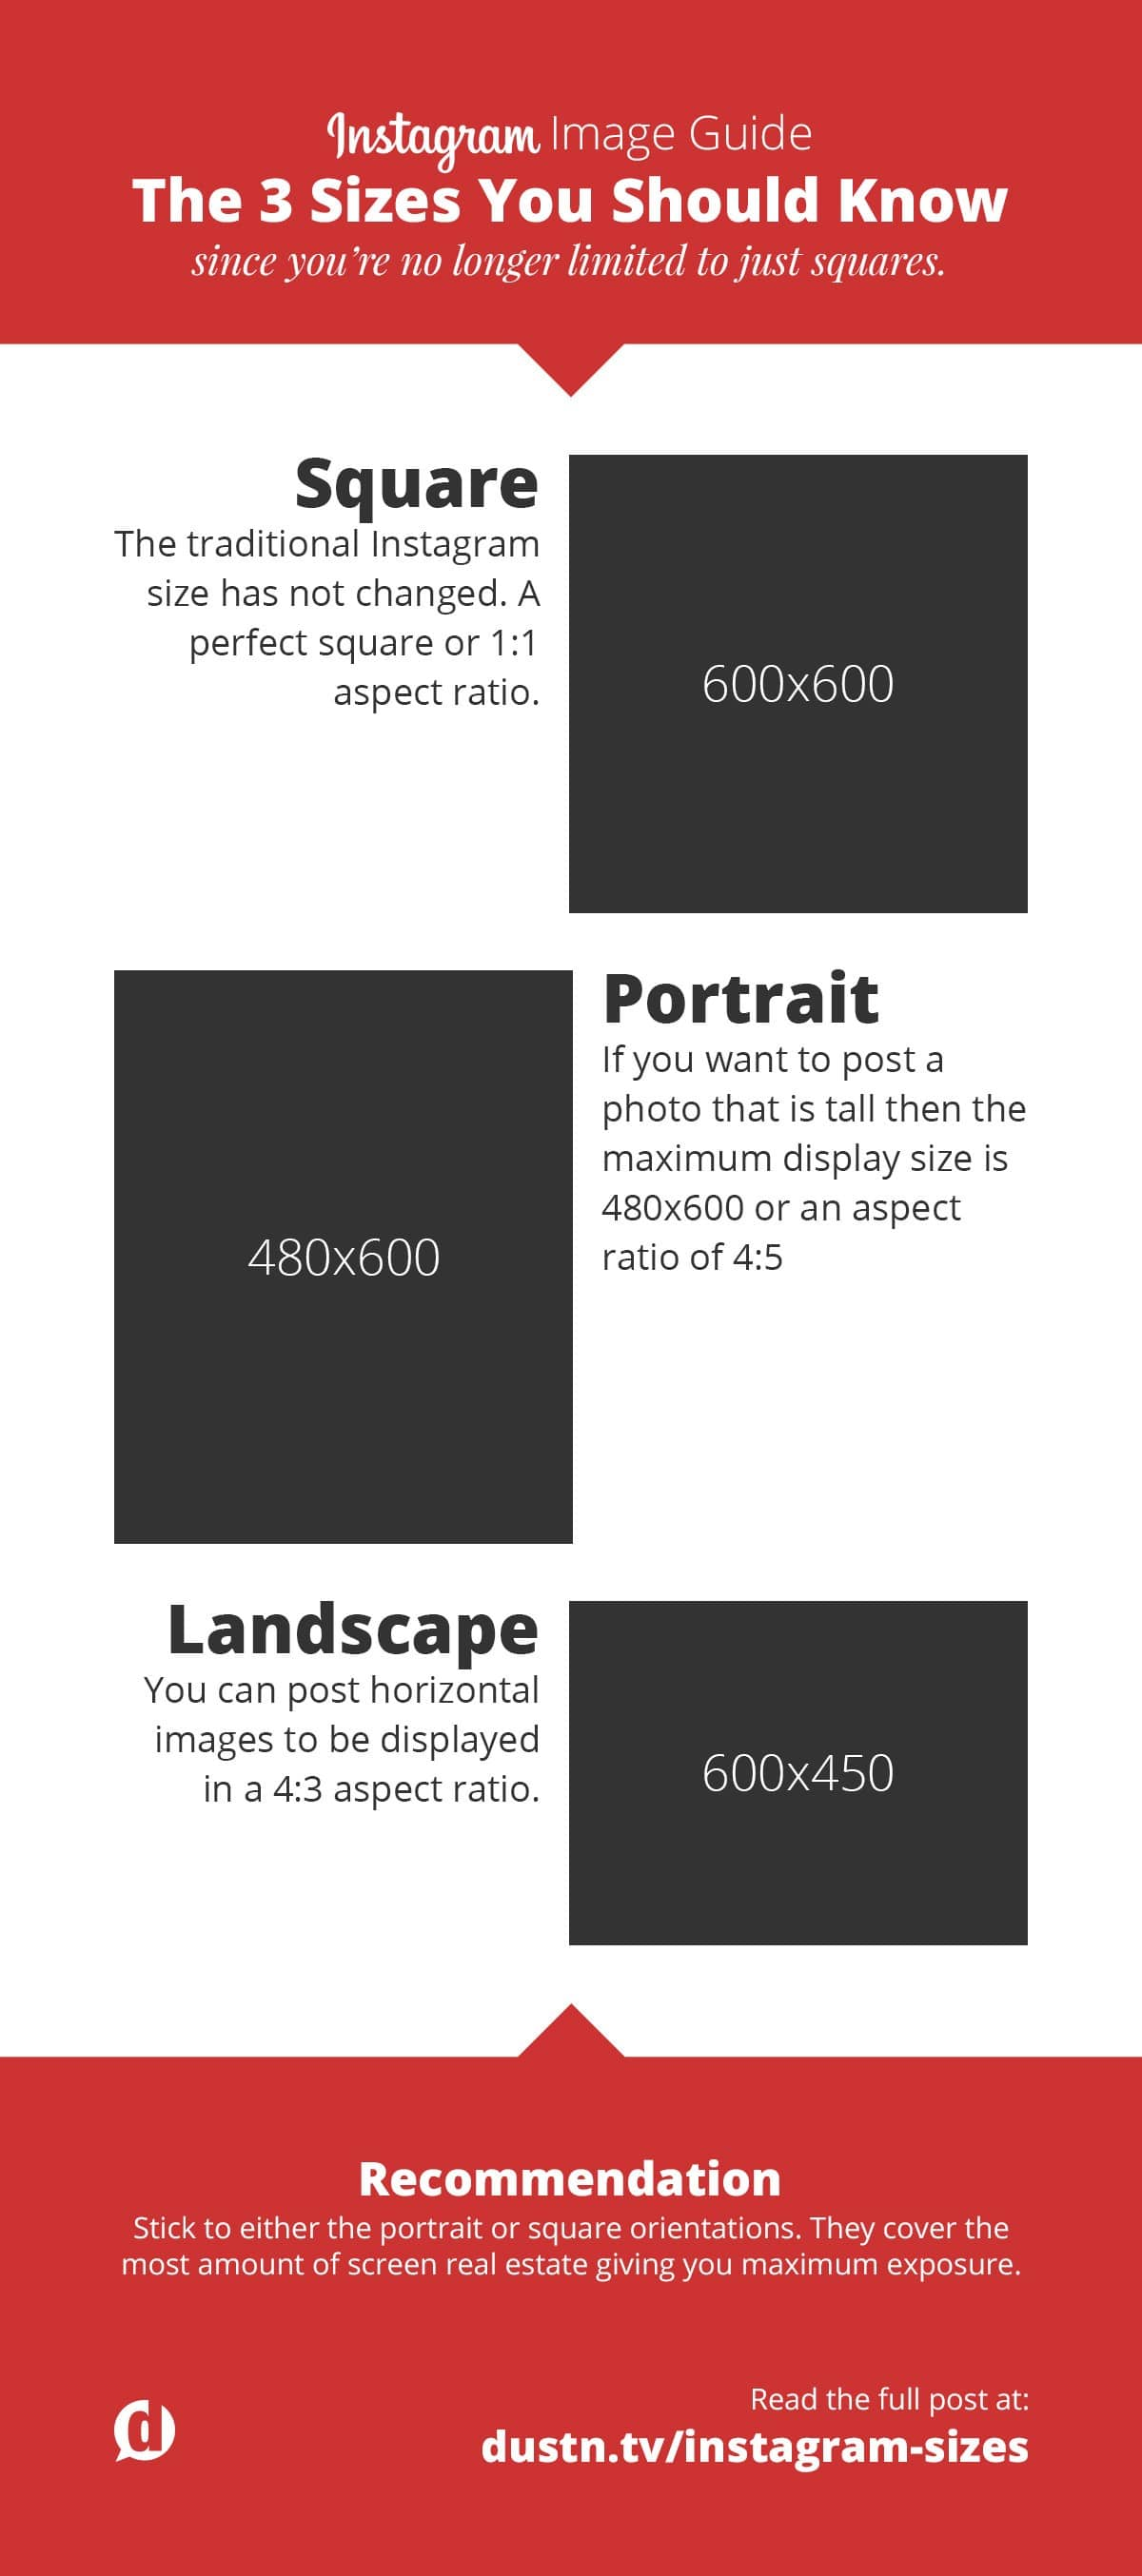 Instagram sizes infographic